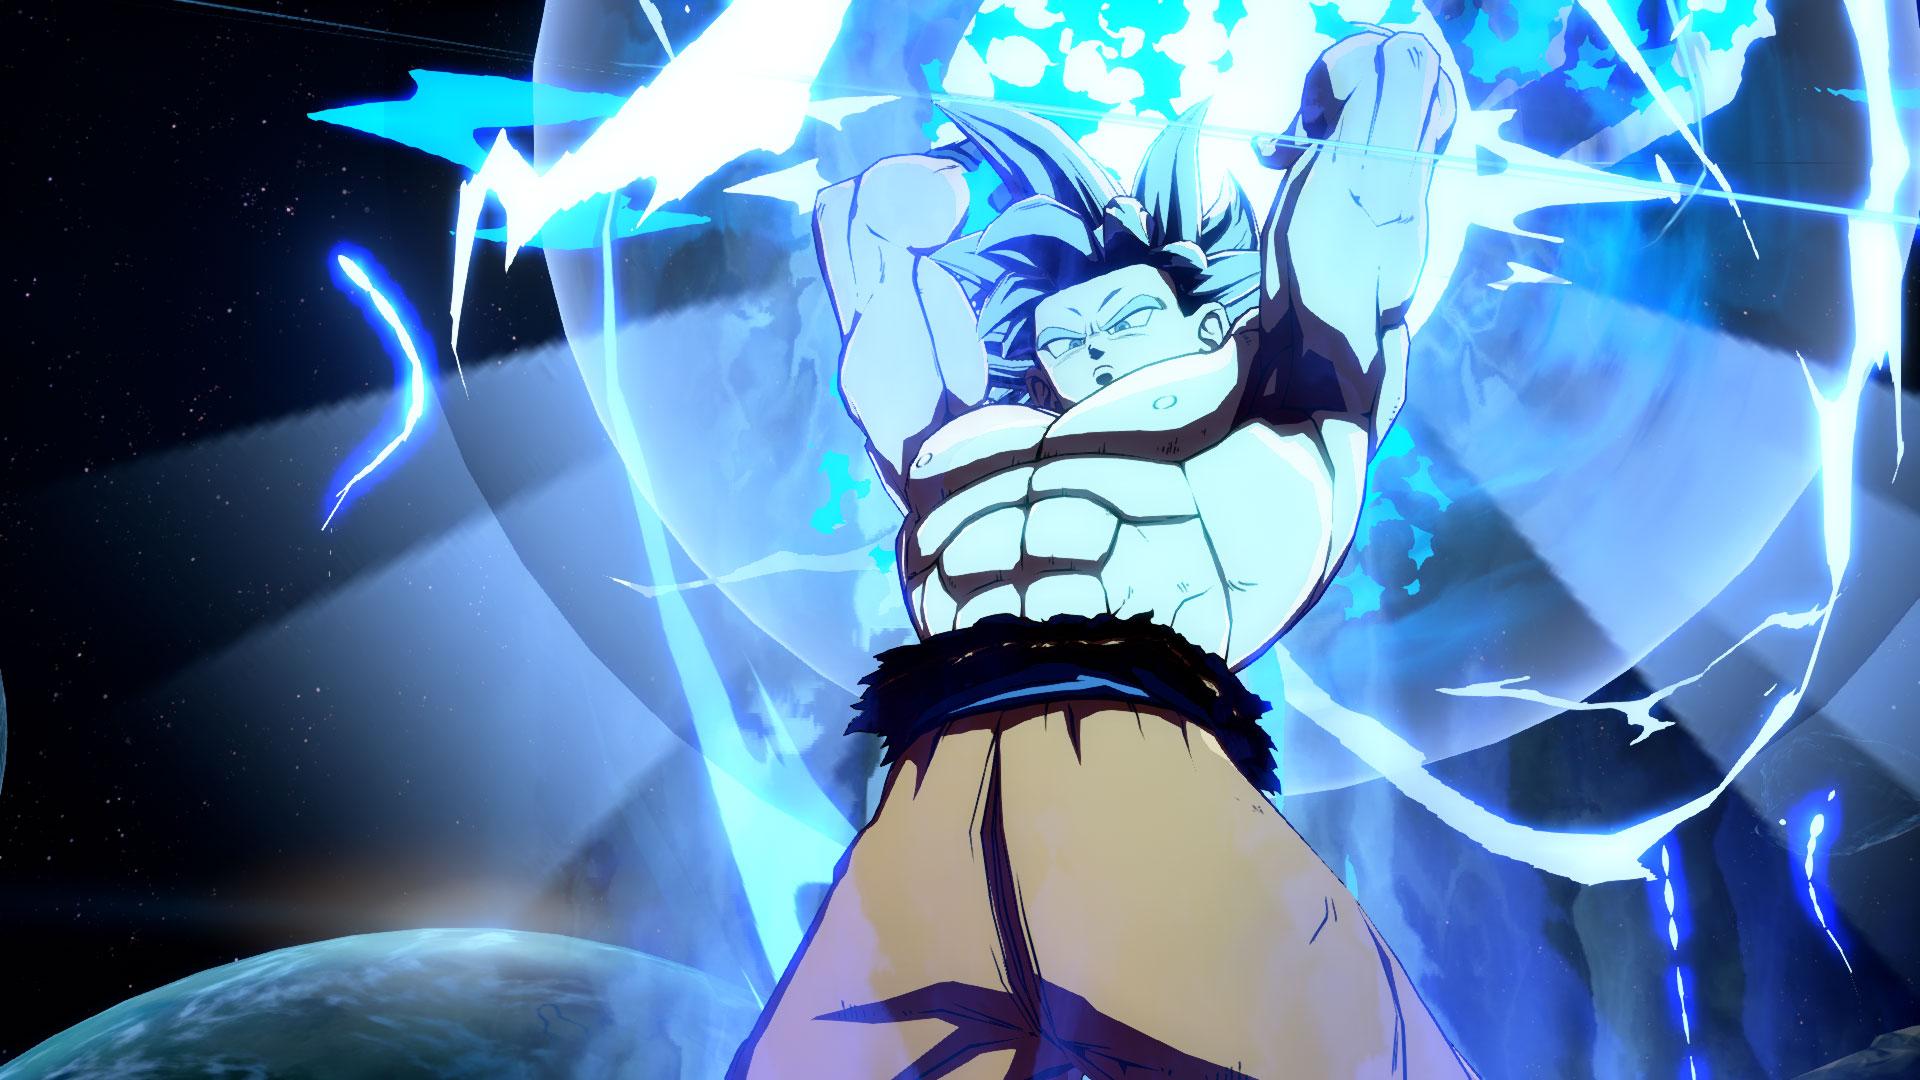 Dragon Ball FighterZ DLC Character Goku Ultra Instinct Screen 14